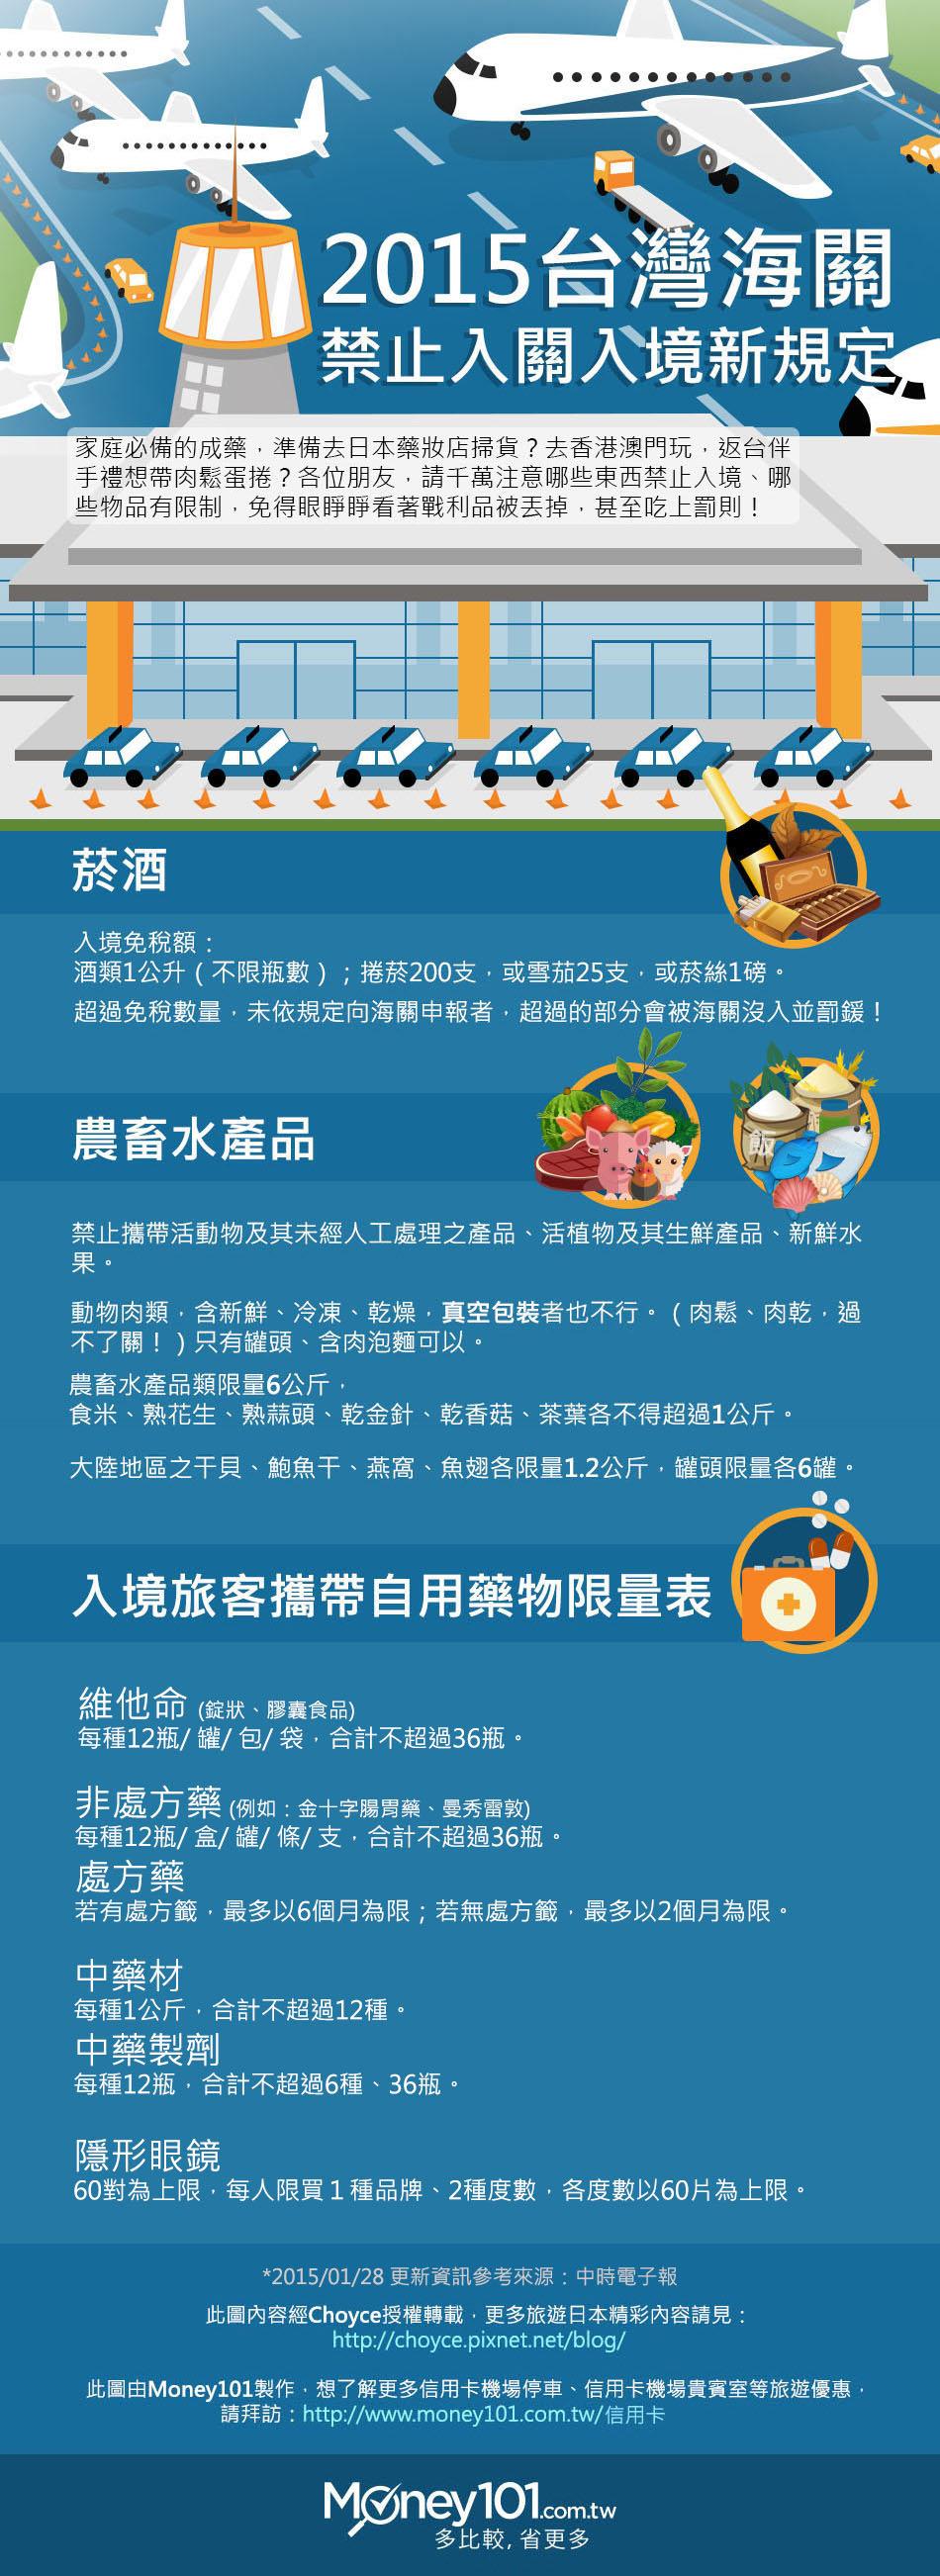 (旅行資訊) 台灣海關禁止入關物品,請大家看仔細囉! 2017年海關禁止入關入境物品新規定